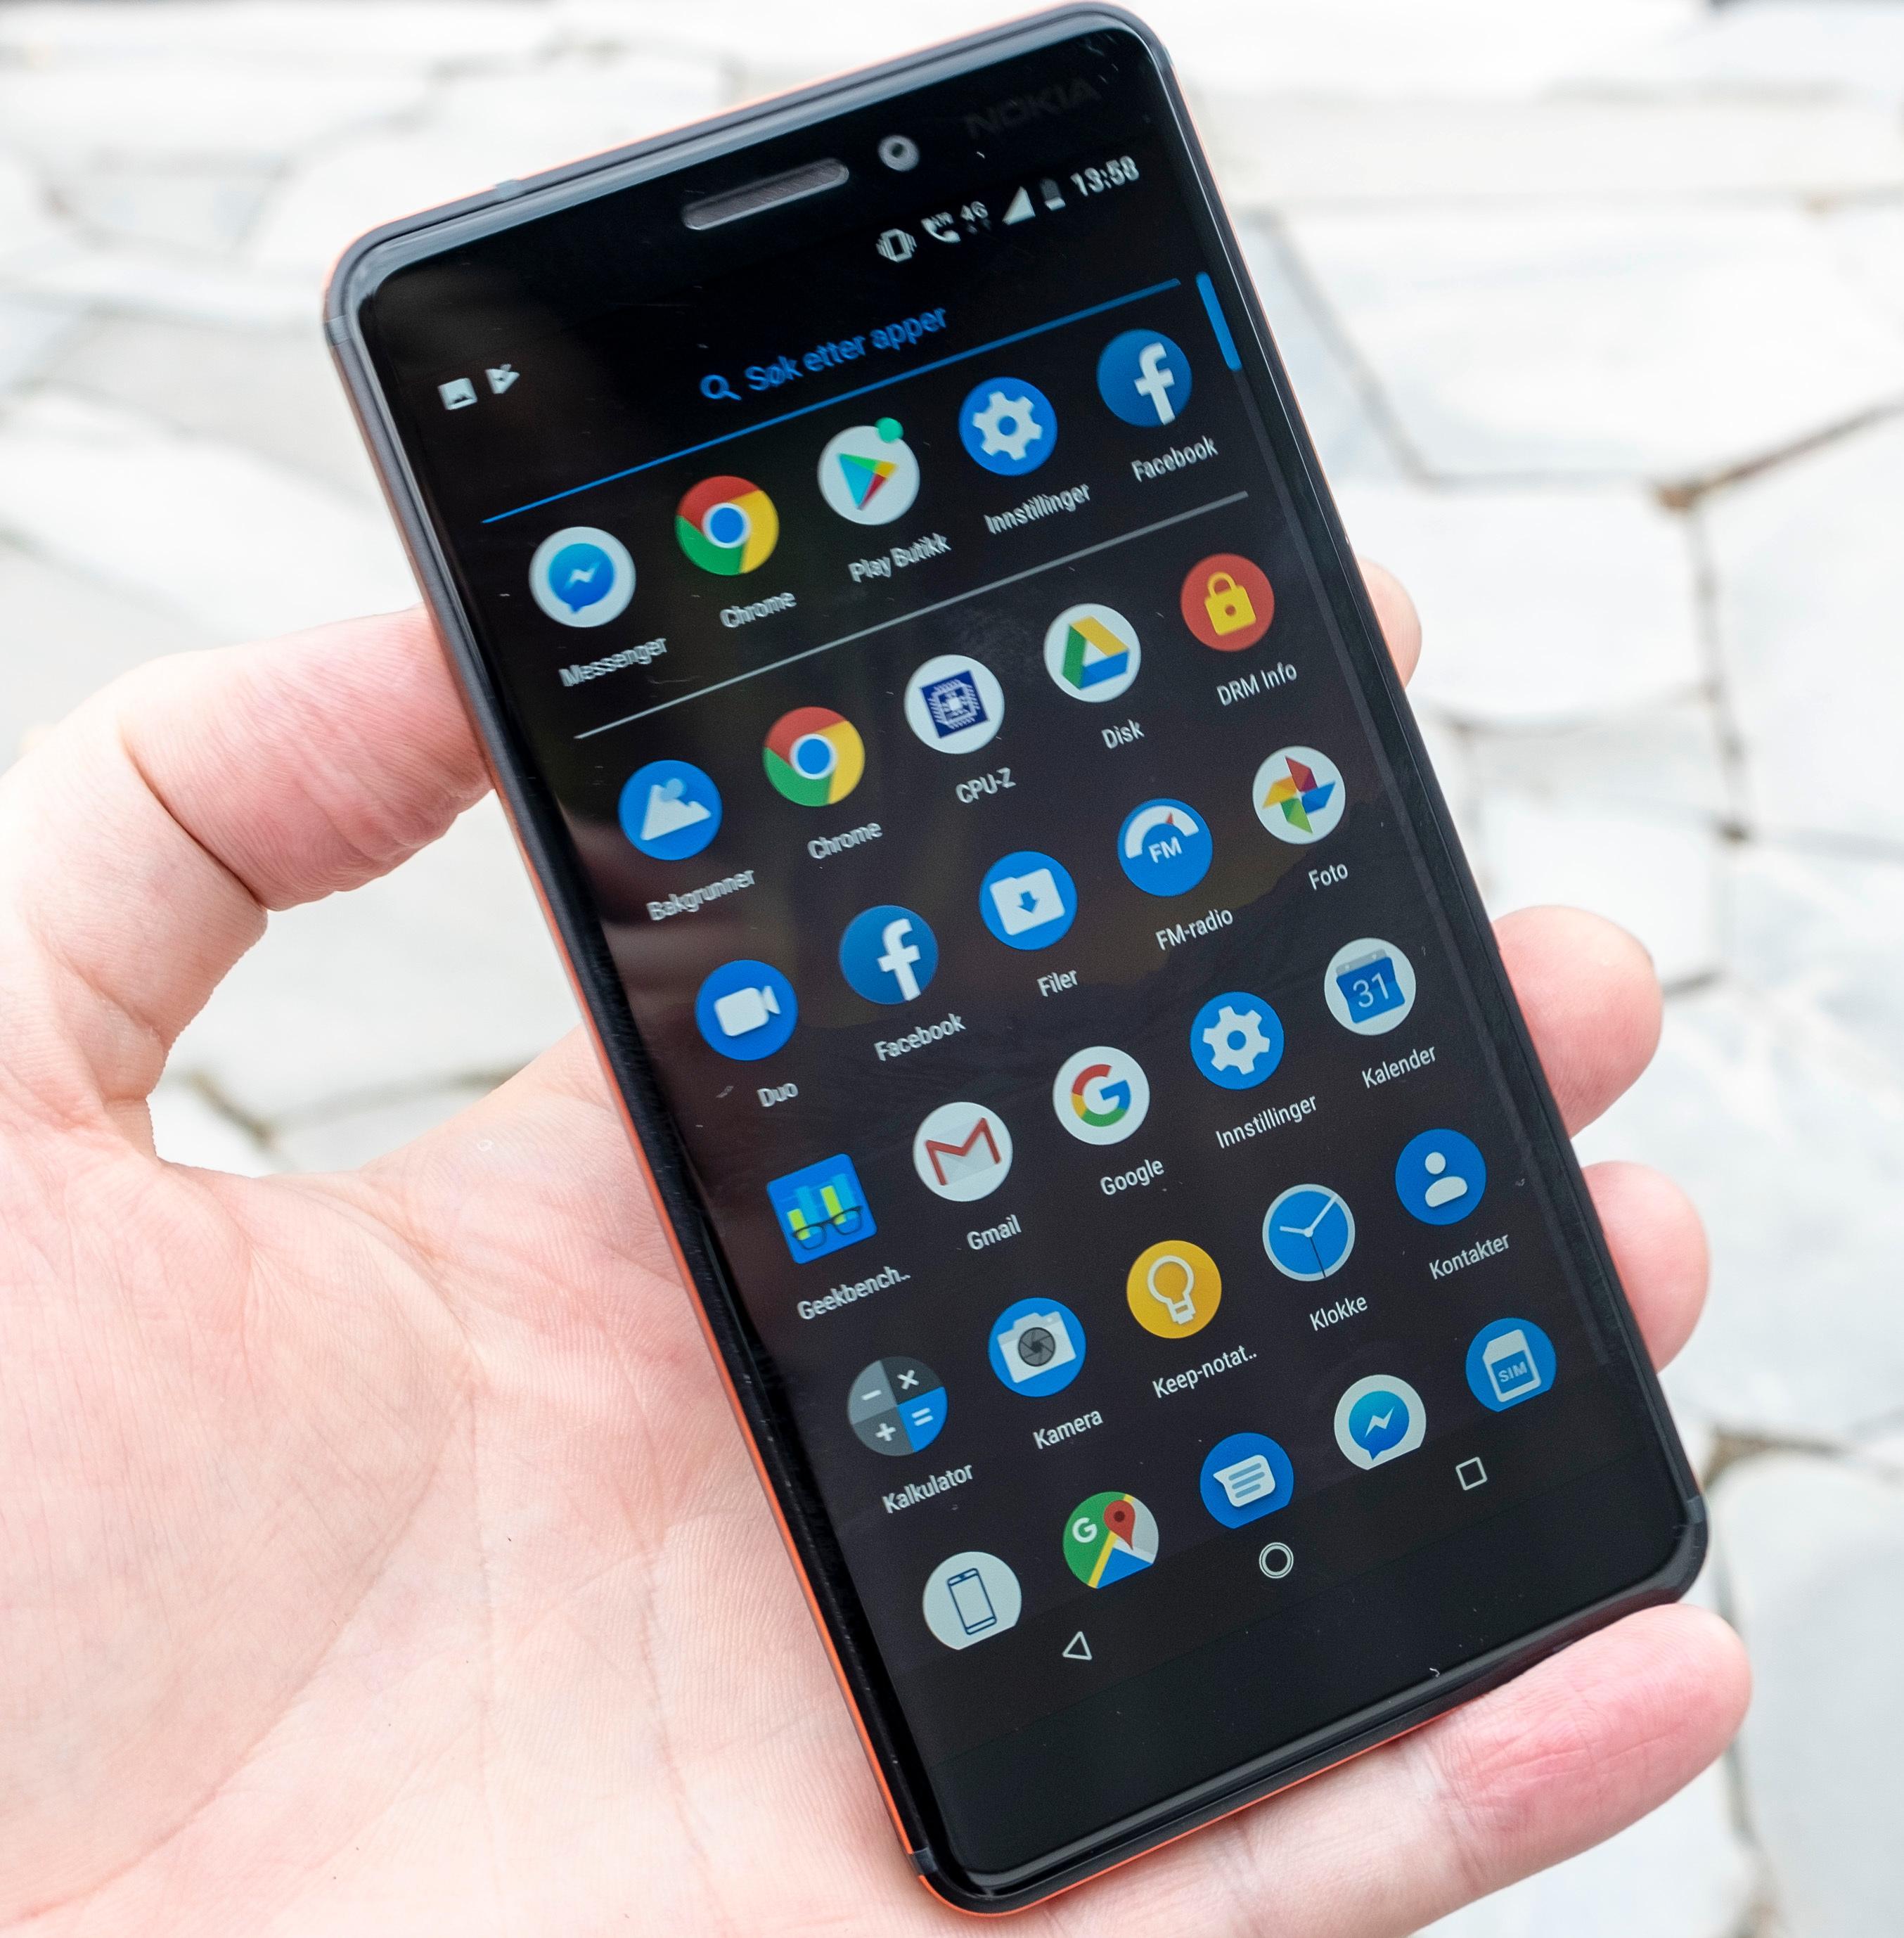 Det er litt som å bruke en Pixel-telefon med rammer, dette her. Android 8.1 gjelder foreløpig, men niern er på vei.